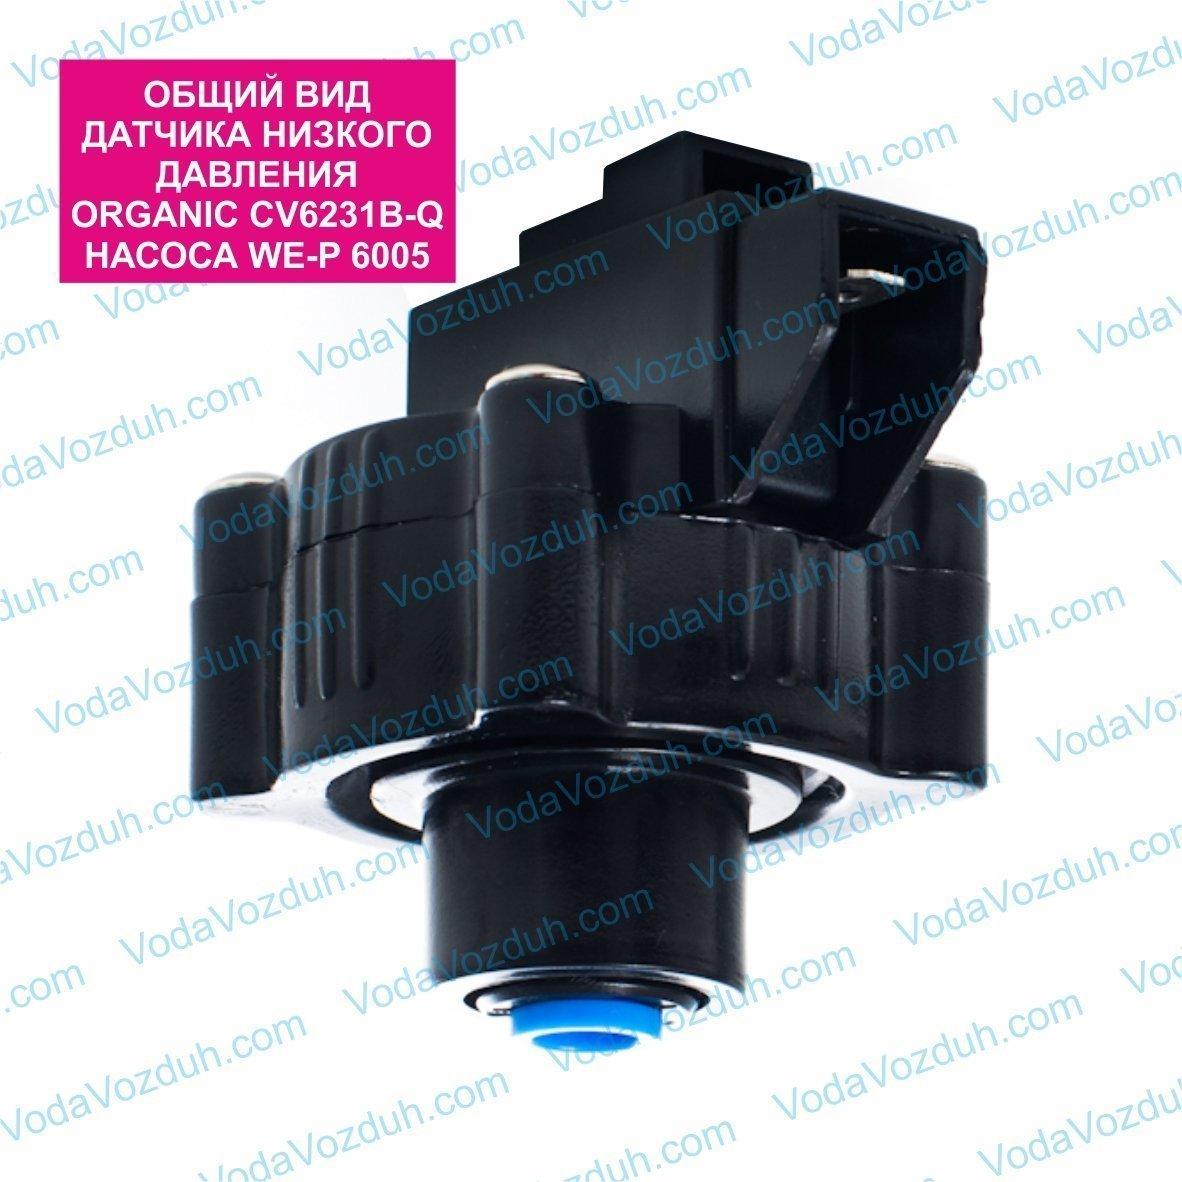 Organic WE-P 6005 датчик низкого давления